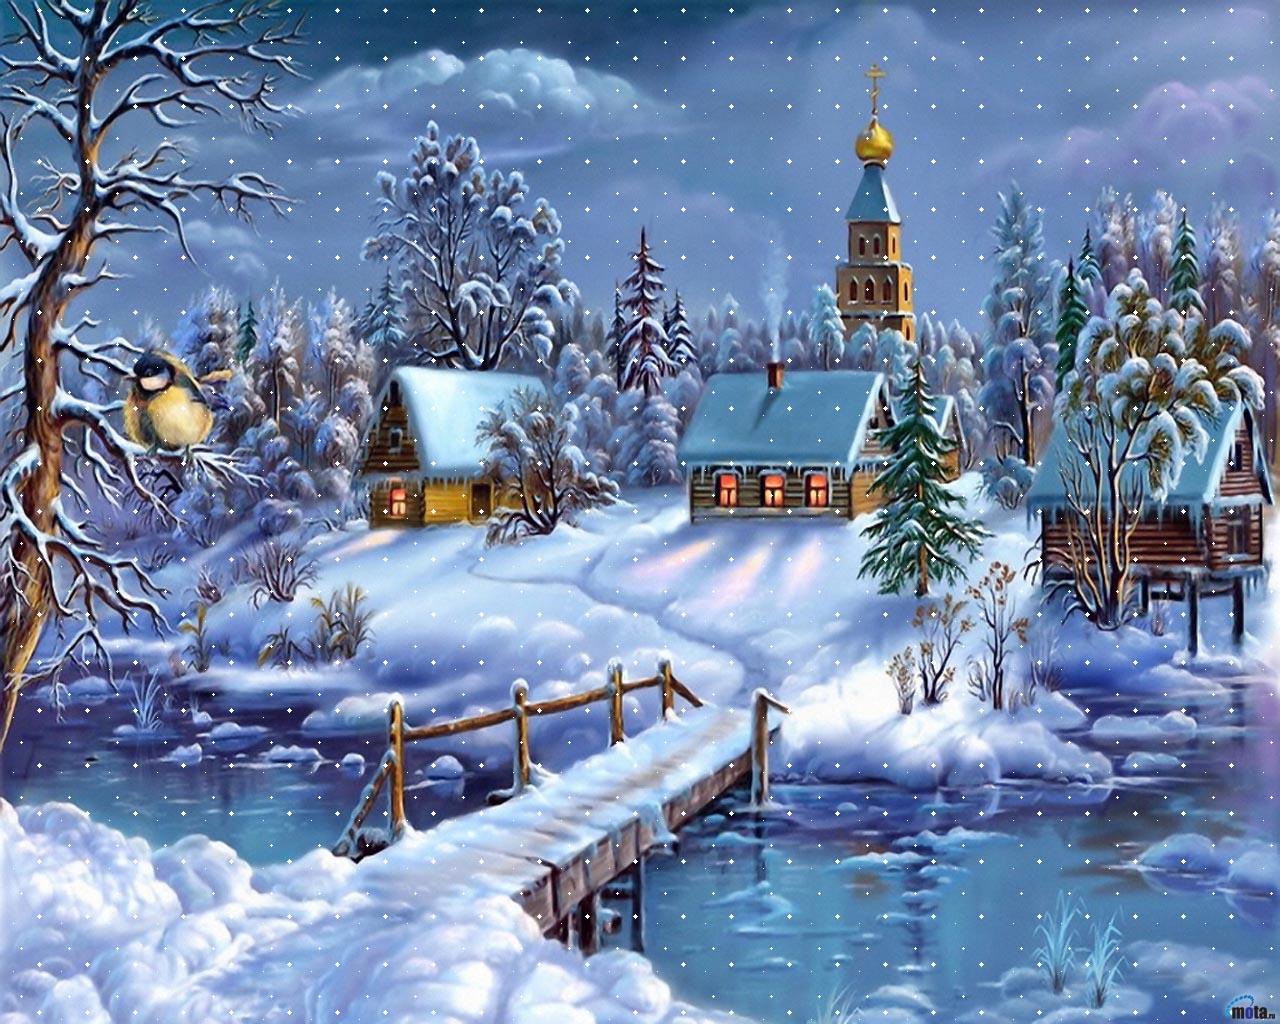 http://1.bp.blogspot.com/_RAlP3BmEW1Q/TQVrfuoGl9I/AAAAAAAACD8/hPjq_383LSU/s1600/28-The-best-top-christmas-wallpapers-christmas-village-landscape-wallpaper.jpg